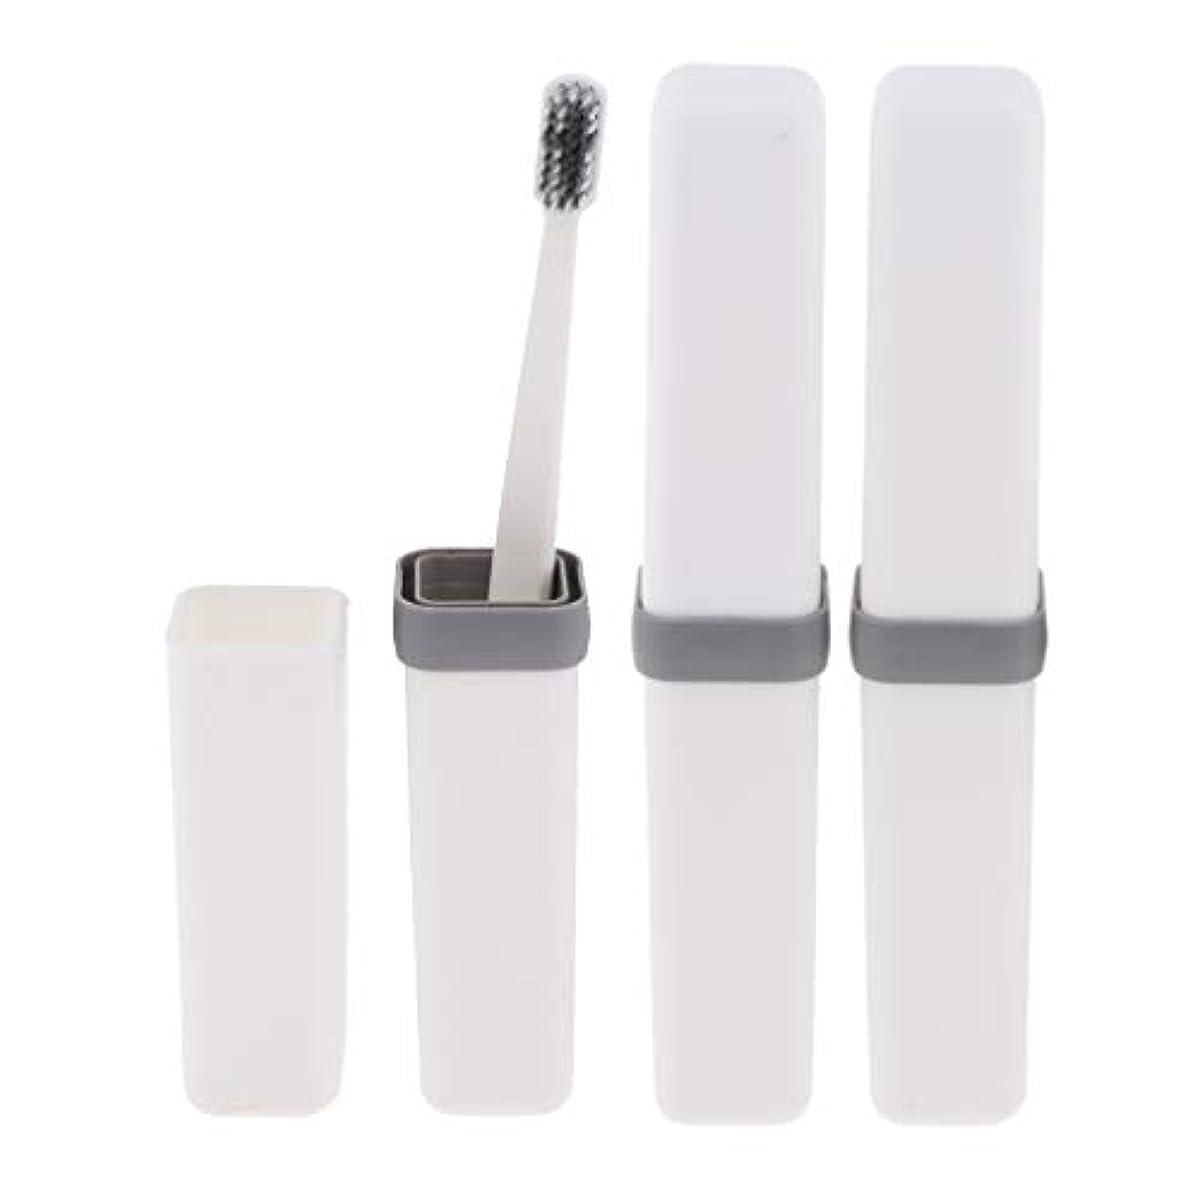 スキッパーウイルス繰り返したFenteer 歯ブラシ 歯磨き 歯清潔 収納ボックス付 旅行 キャンプ 学校 軽量 携帯 実用的 3個 全4色 - 白